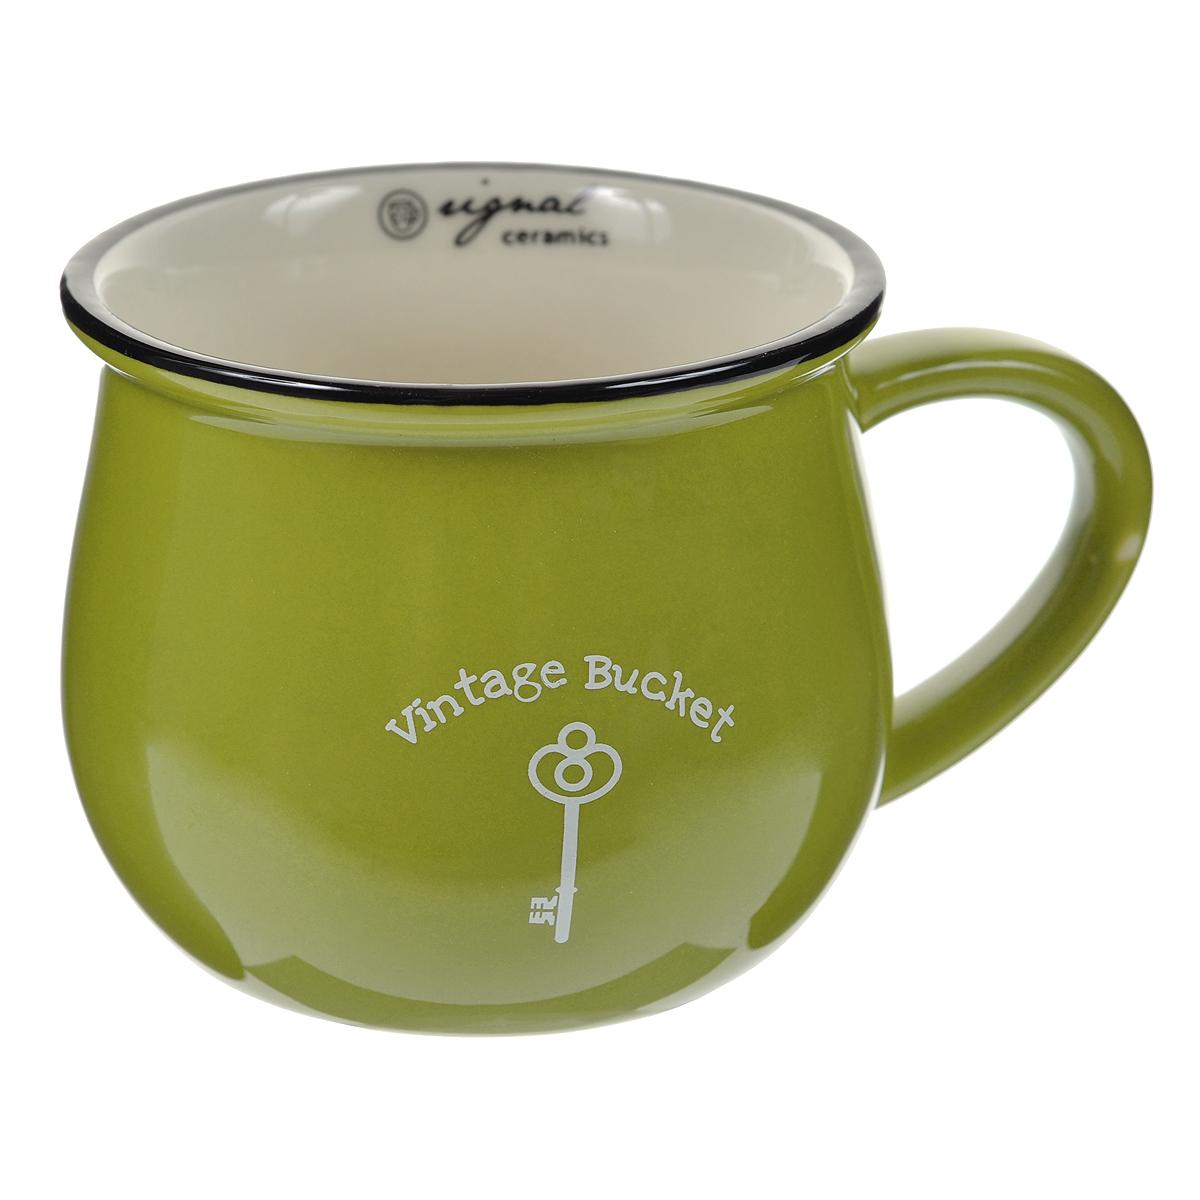 Кружка керамическая Горшок, цвет: зеленый003096Яркая кружка, выполненная из керамики в форме горшочка с ручкой, - отличный подарок для человека, ценящего забавные и практичные подарки. Кружка оформлена изображением ключика. Такая кружка станет незаменимым атрибутом чаепития, а оригинальный дизайн вызовет улыбку. Характеристики:Материал:керамика. Высота кружки:7,5 см. Объем кружки:300 мл. Диаметр по верхнему краю:9 см. Размер упаковки:12 см х 9,5 см х 8,5 см. Артикул: 003096.